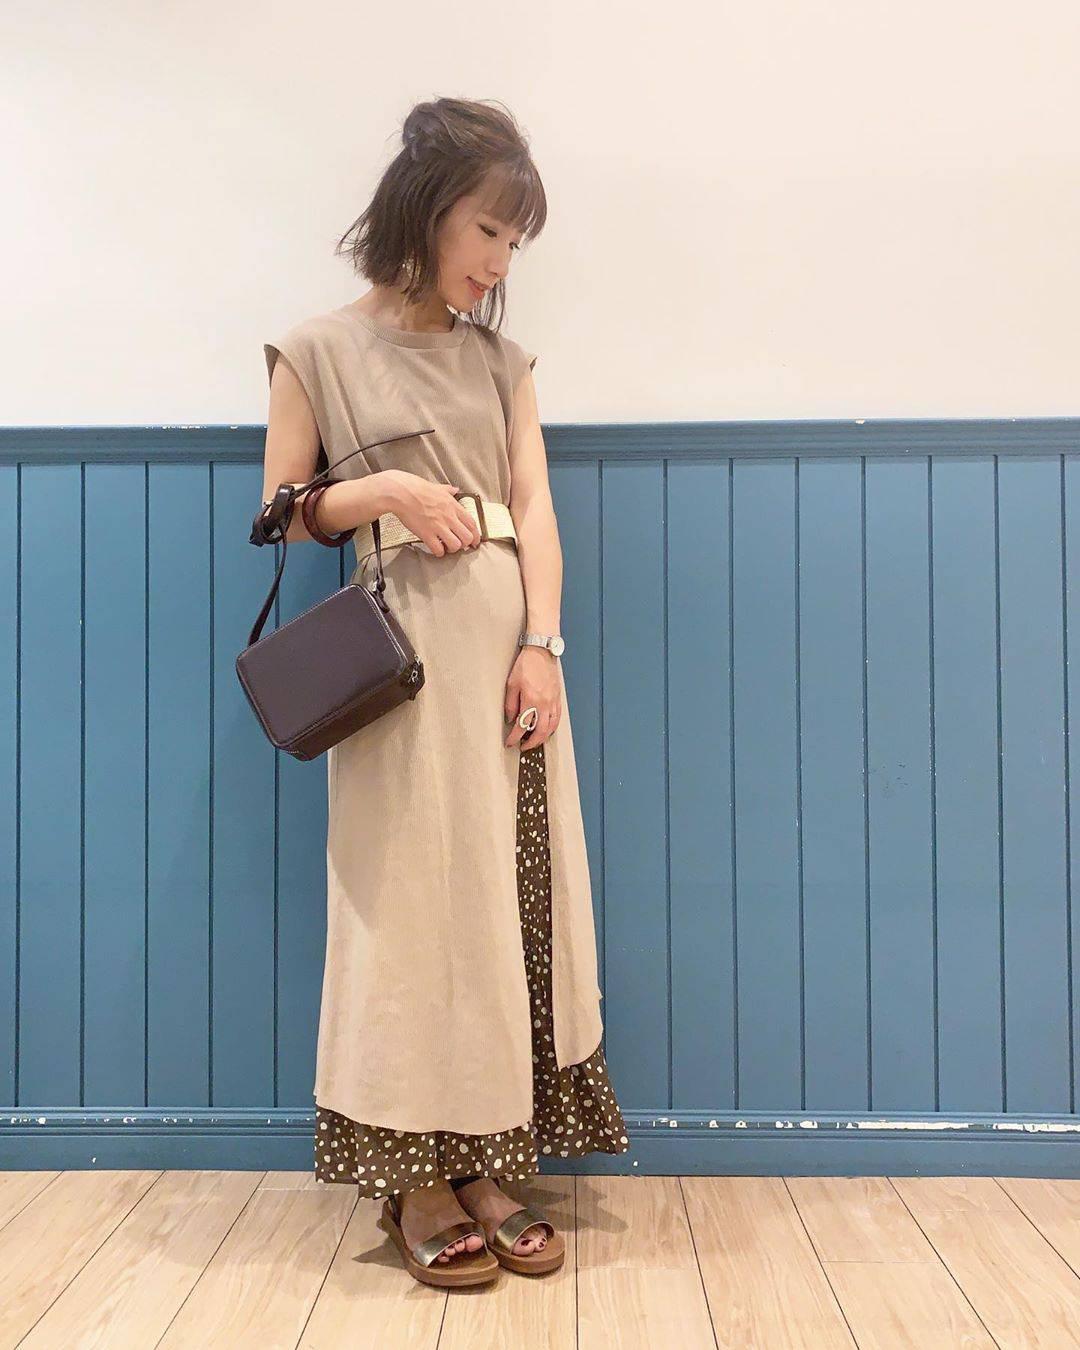 最高気温29度・最低気温22度 __tachaaanの服装